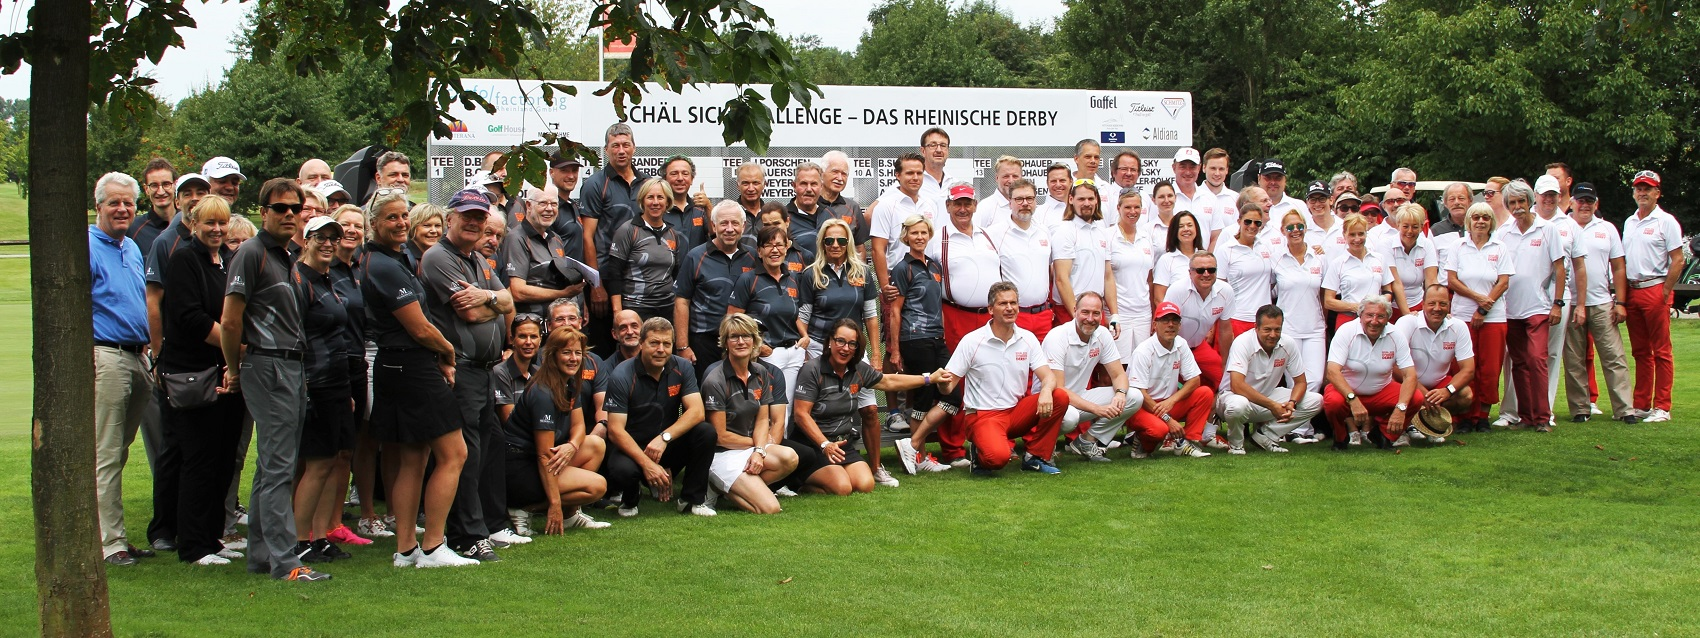 Schäl Sick Challenge – Das Rheinische Derby 2016